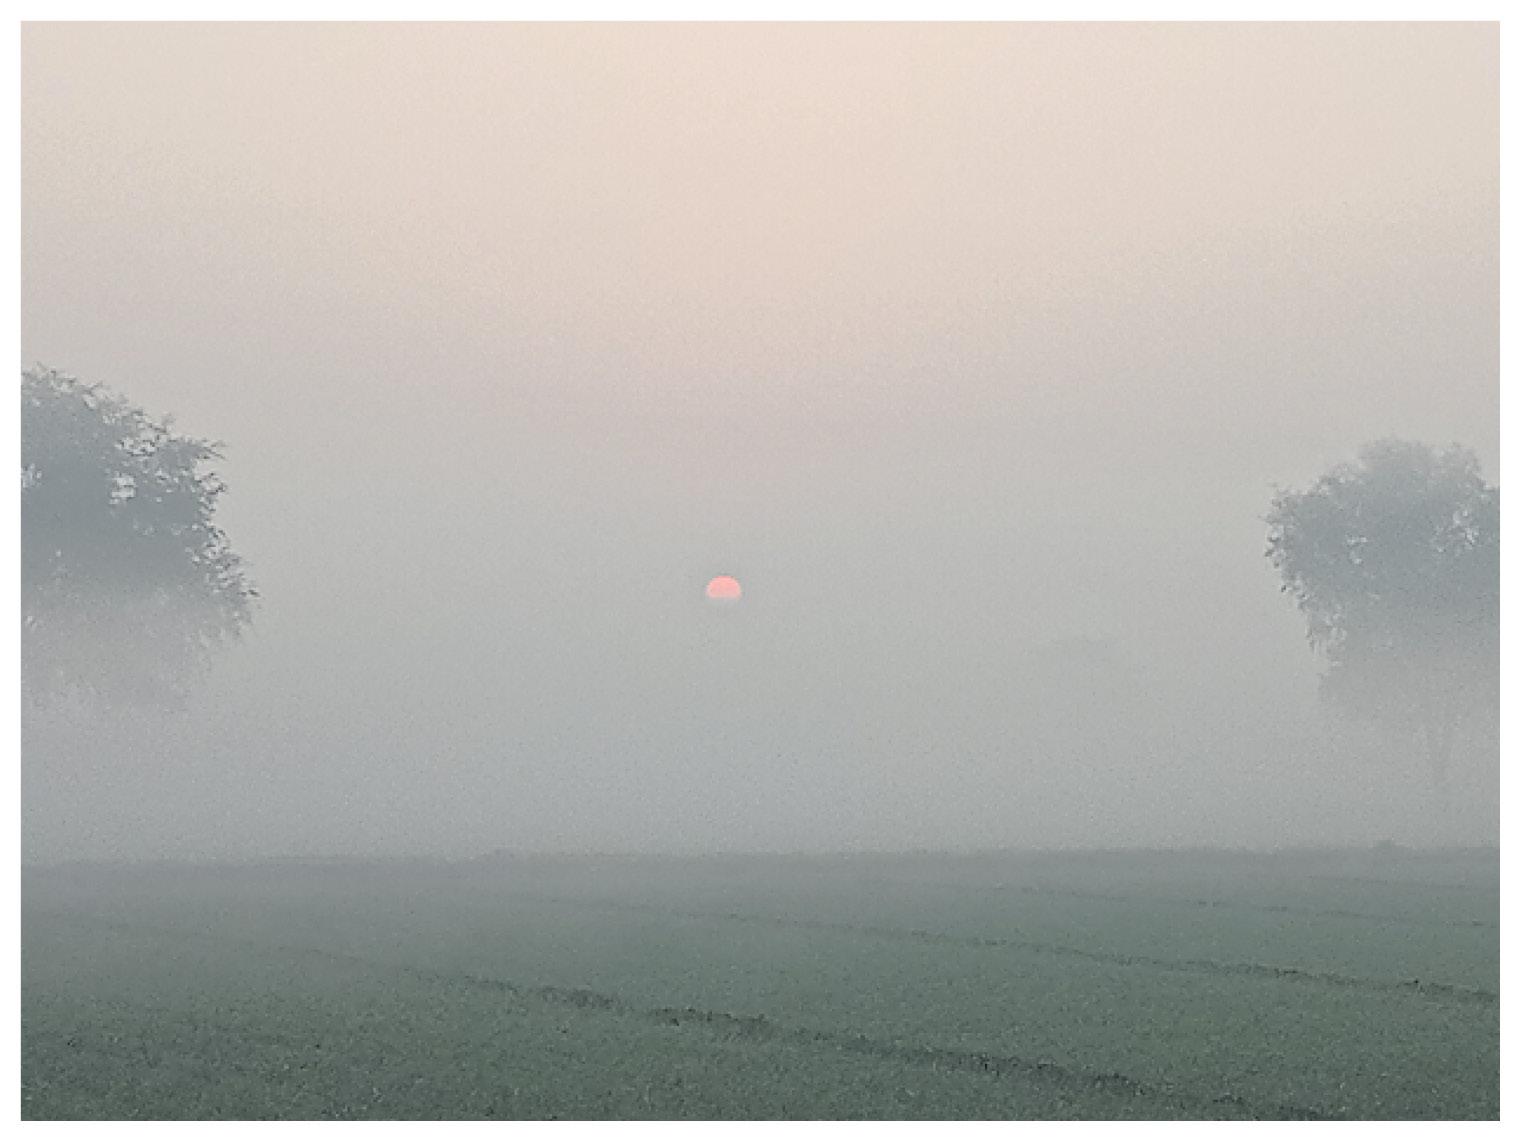 राजस्थान के श्रीगंगानगर में सुबह 8.30 बजे तक घना कोहरा छाया रहा।